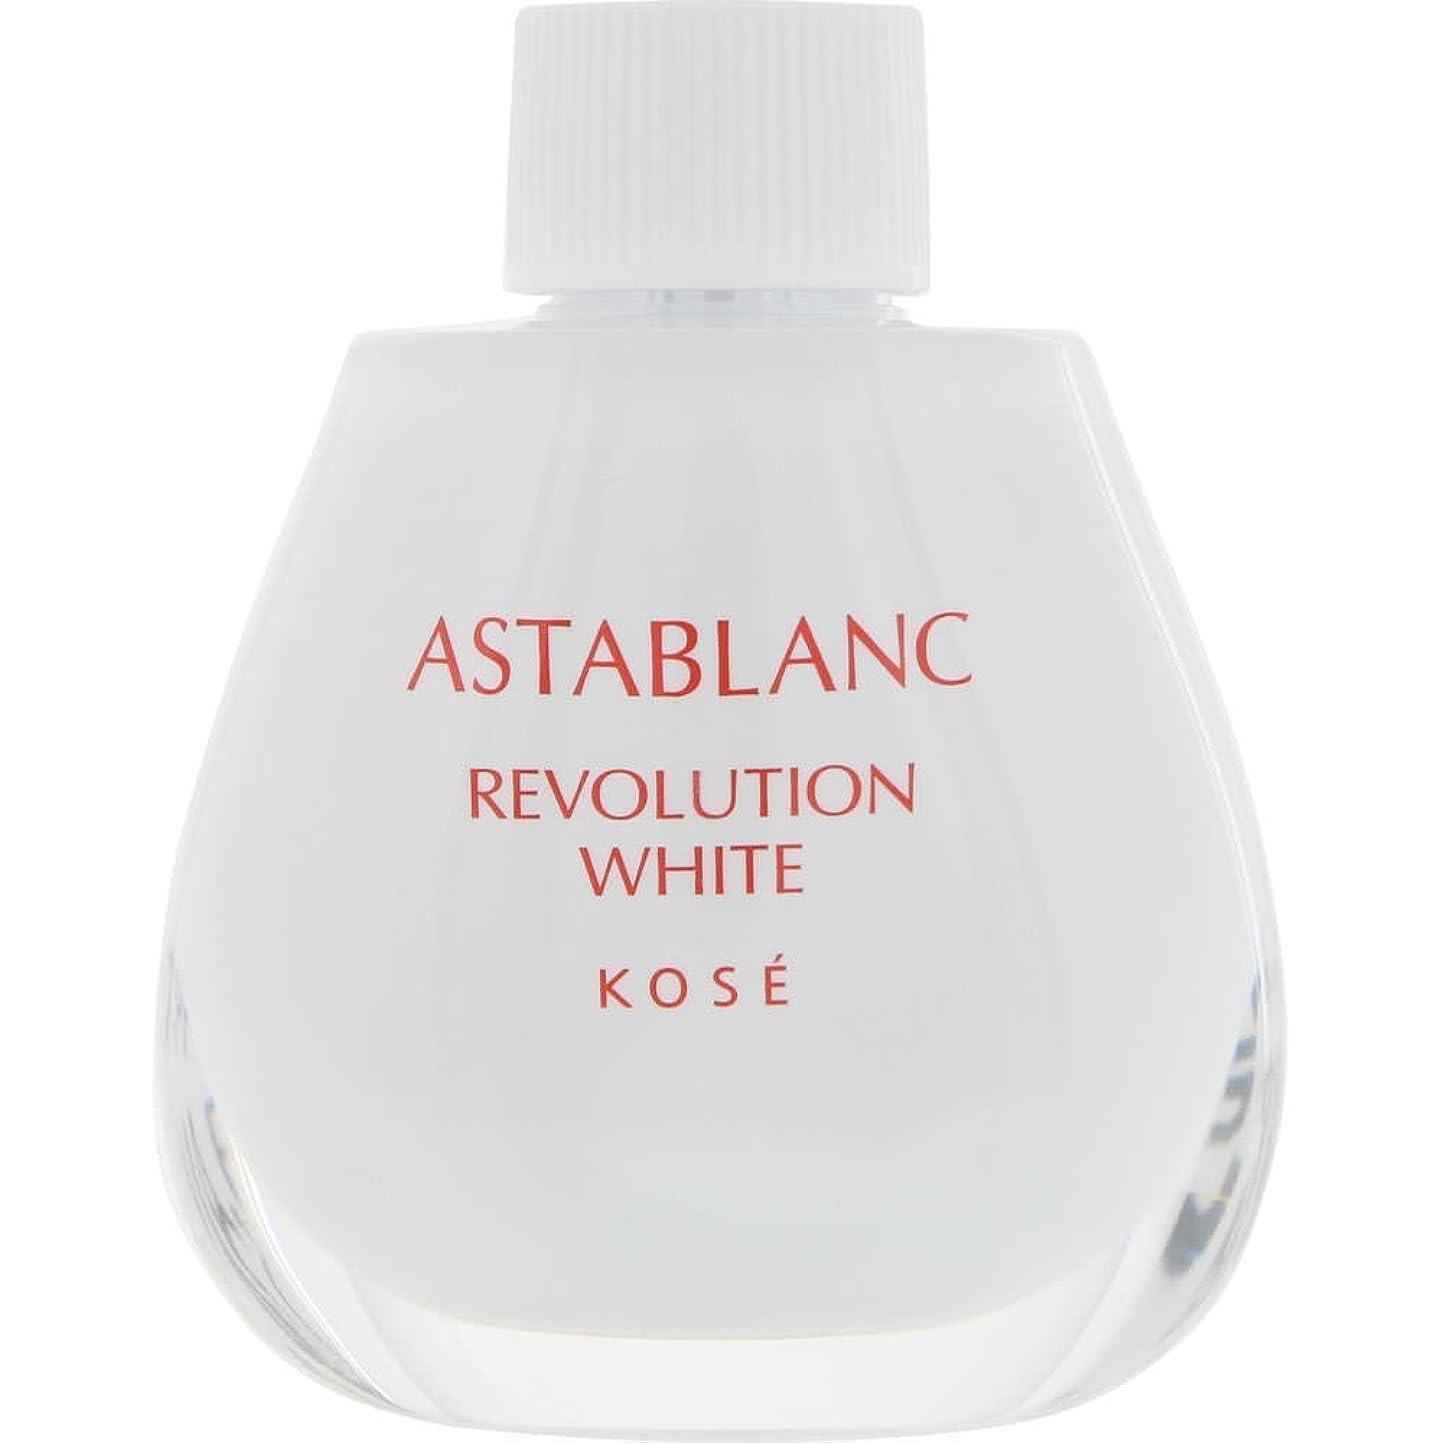 スリット染色チューリップ[医薬部外品] アスタブラン レボリューション ホワイト (付けかえ用) 30mL